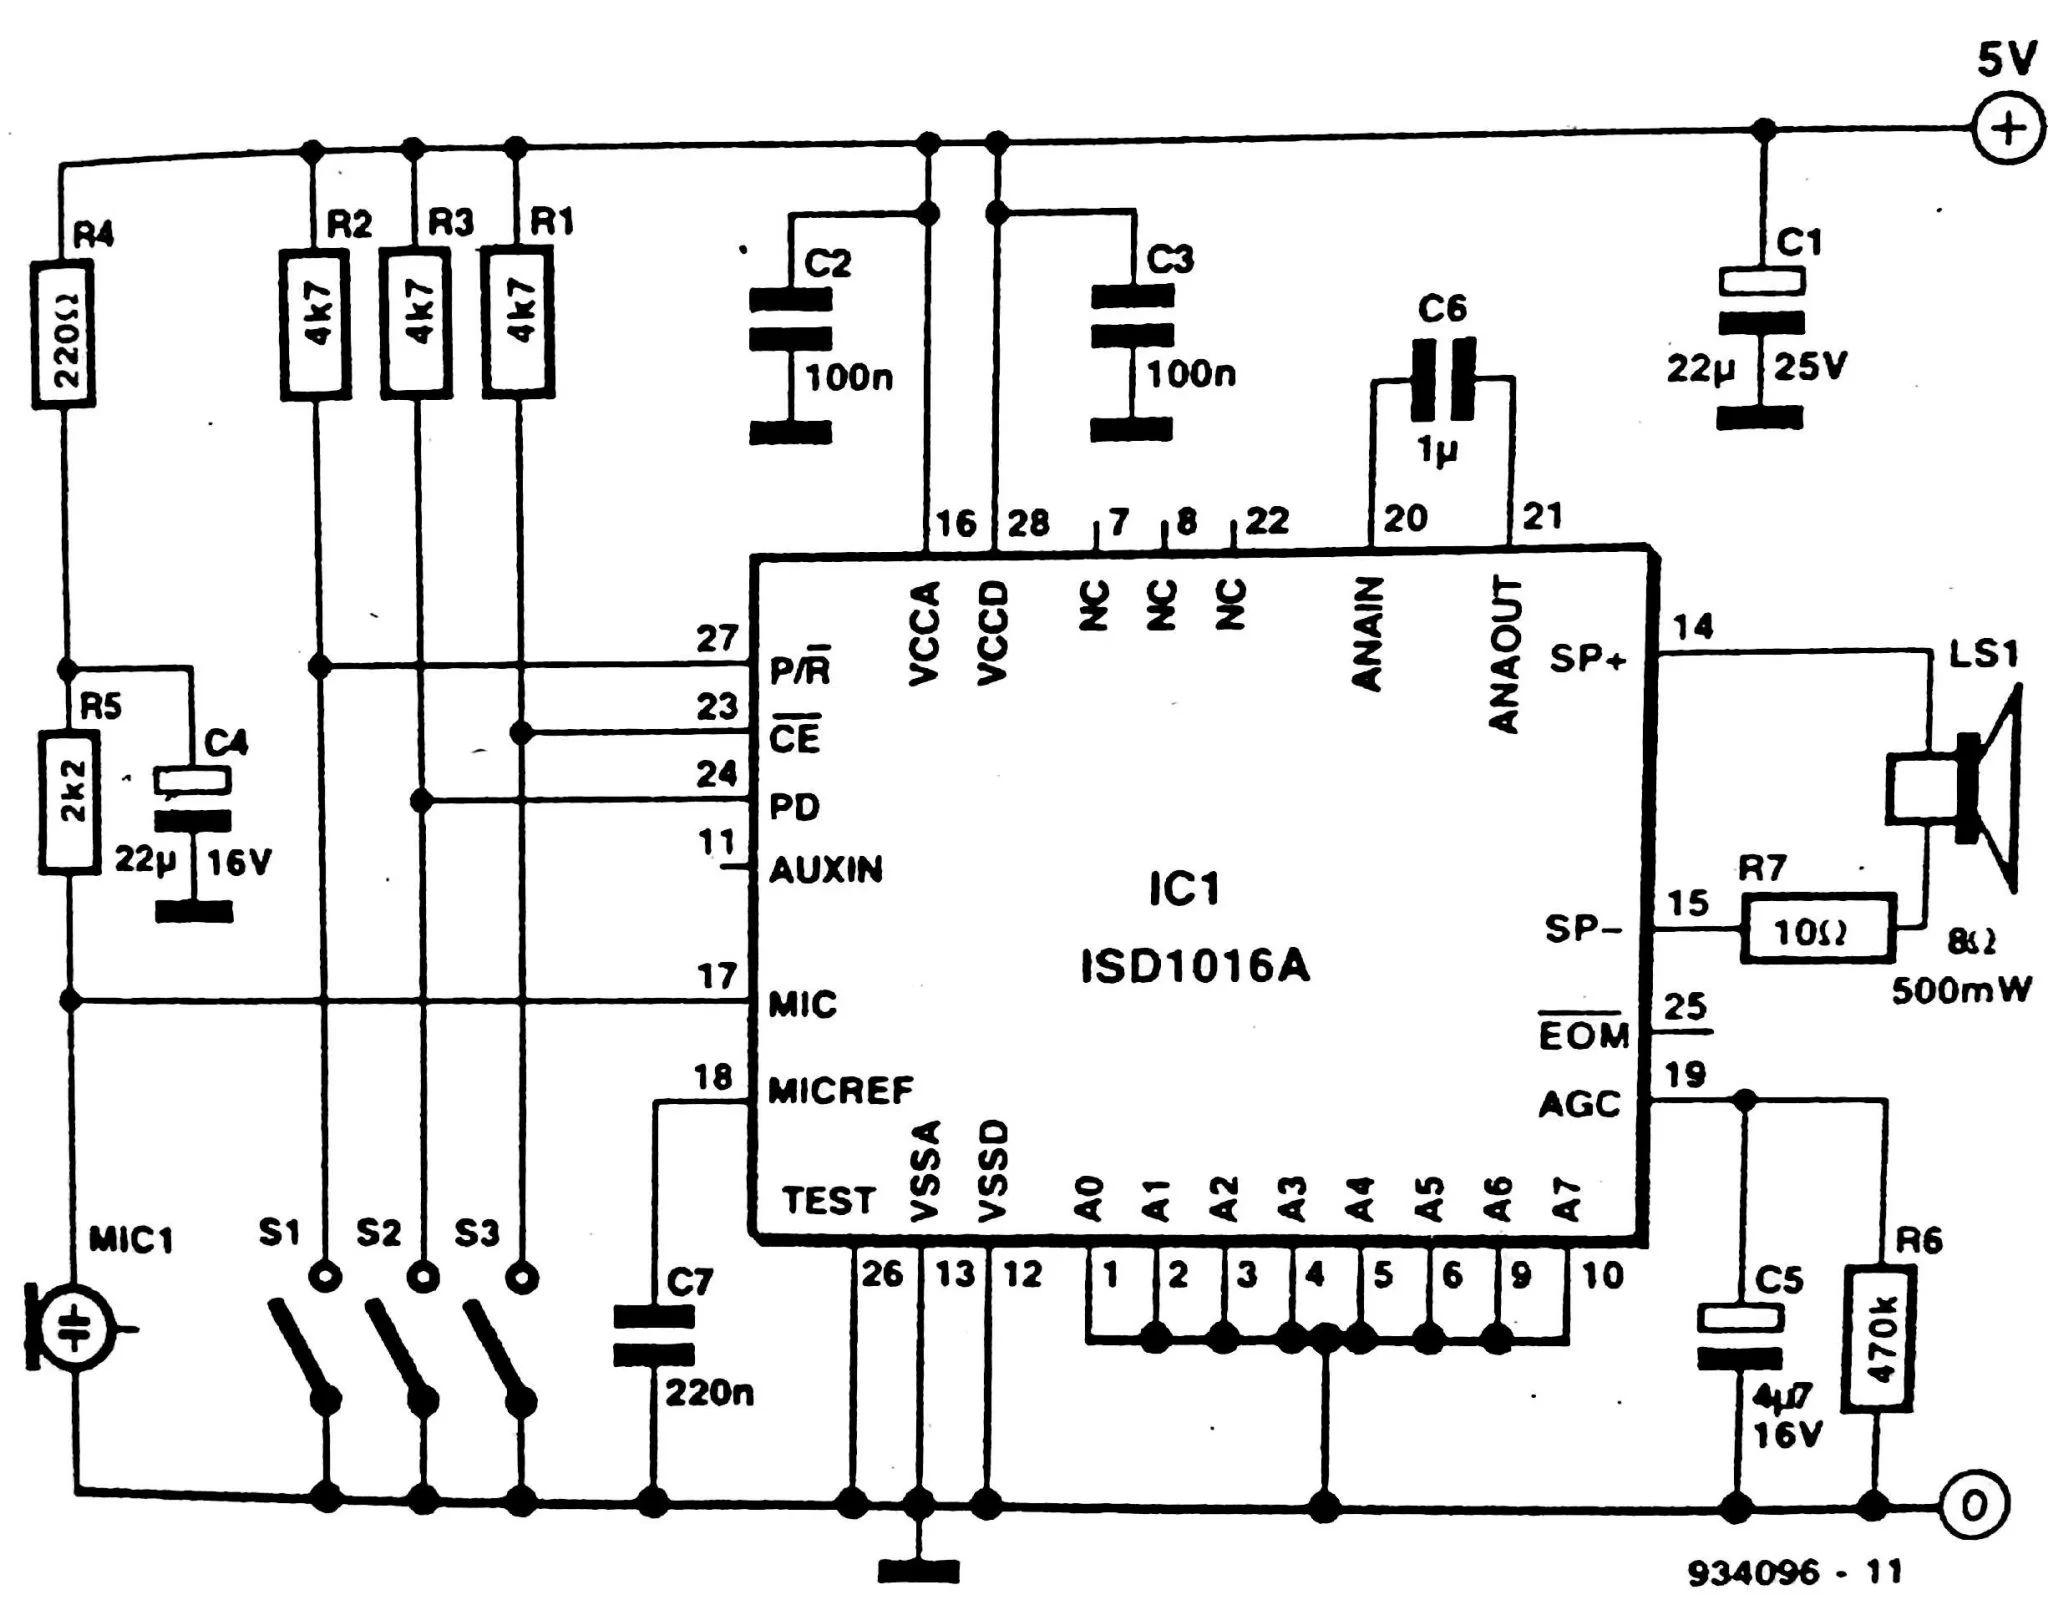 circuit diagram drawing images